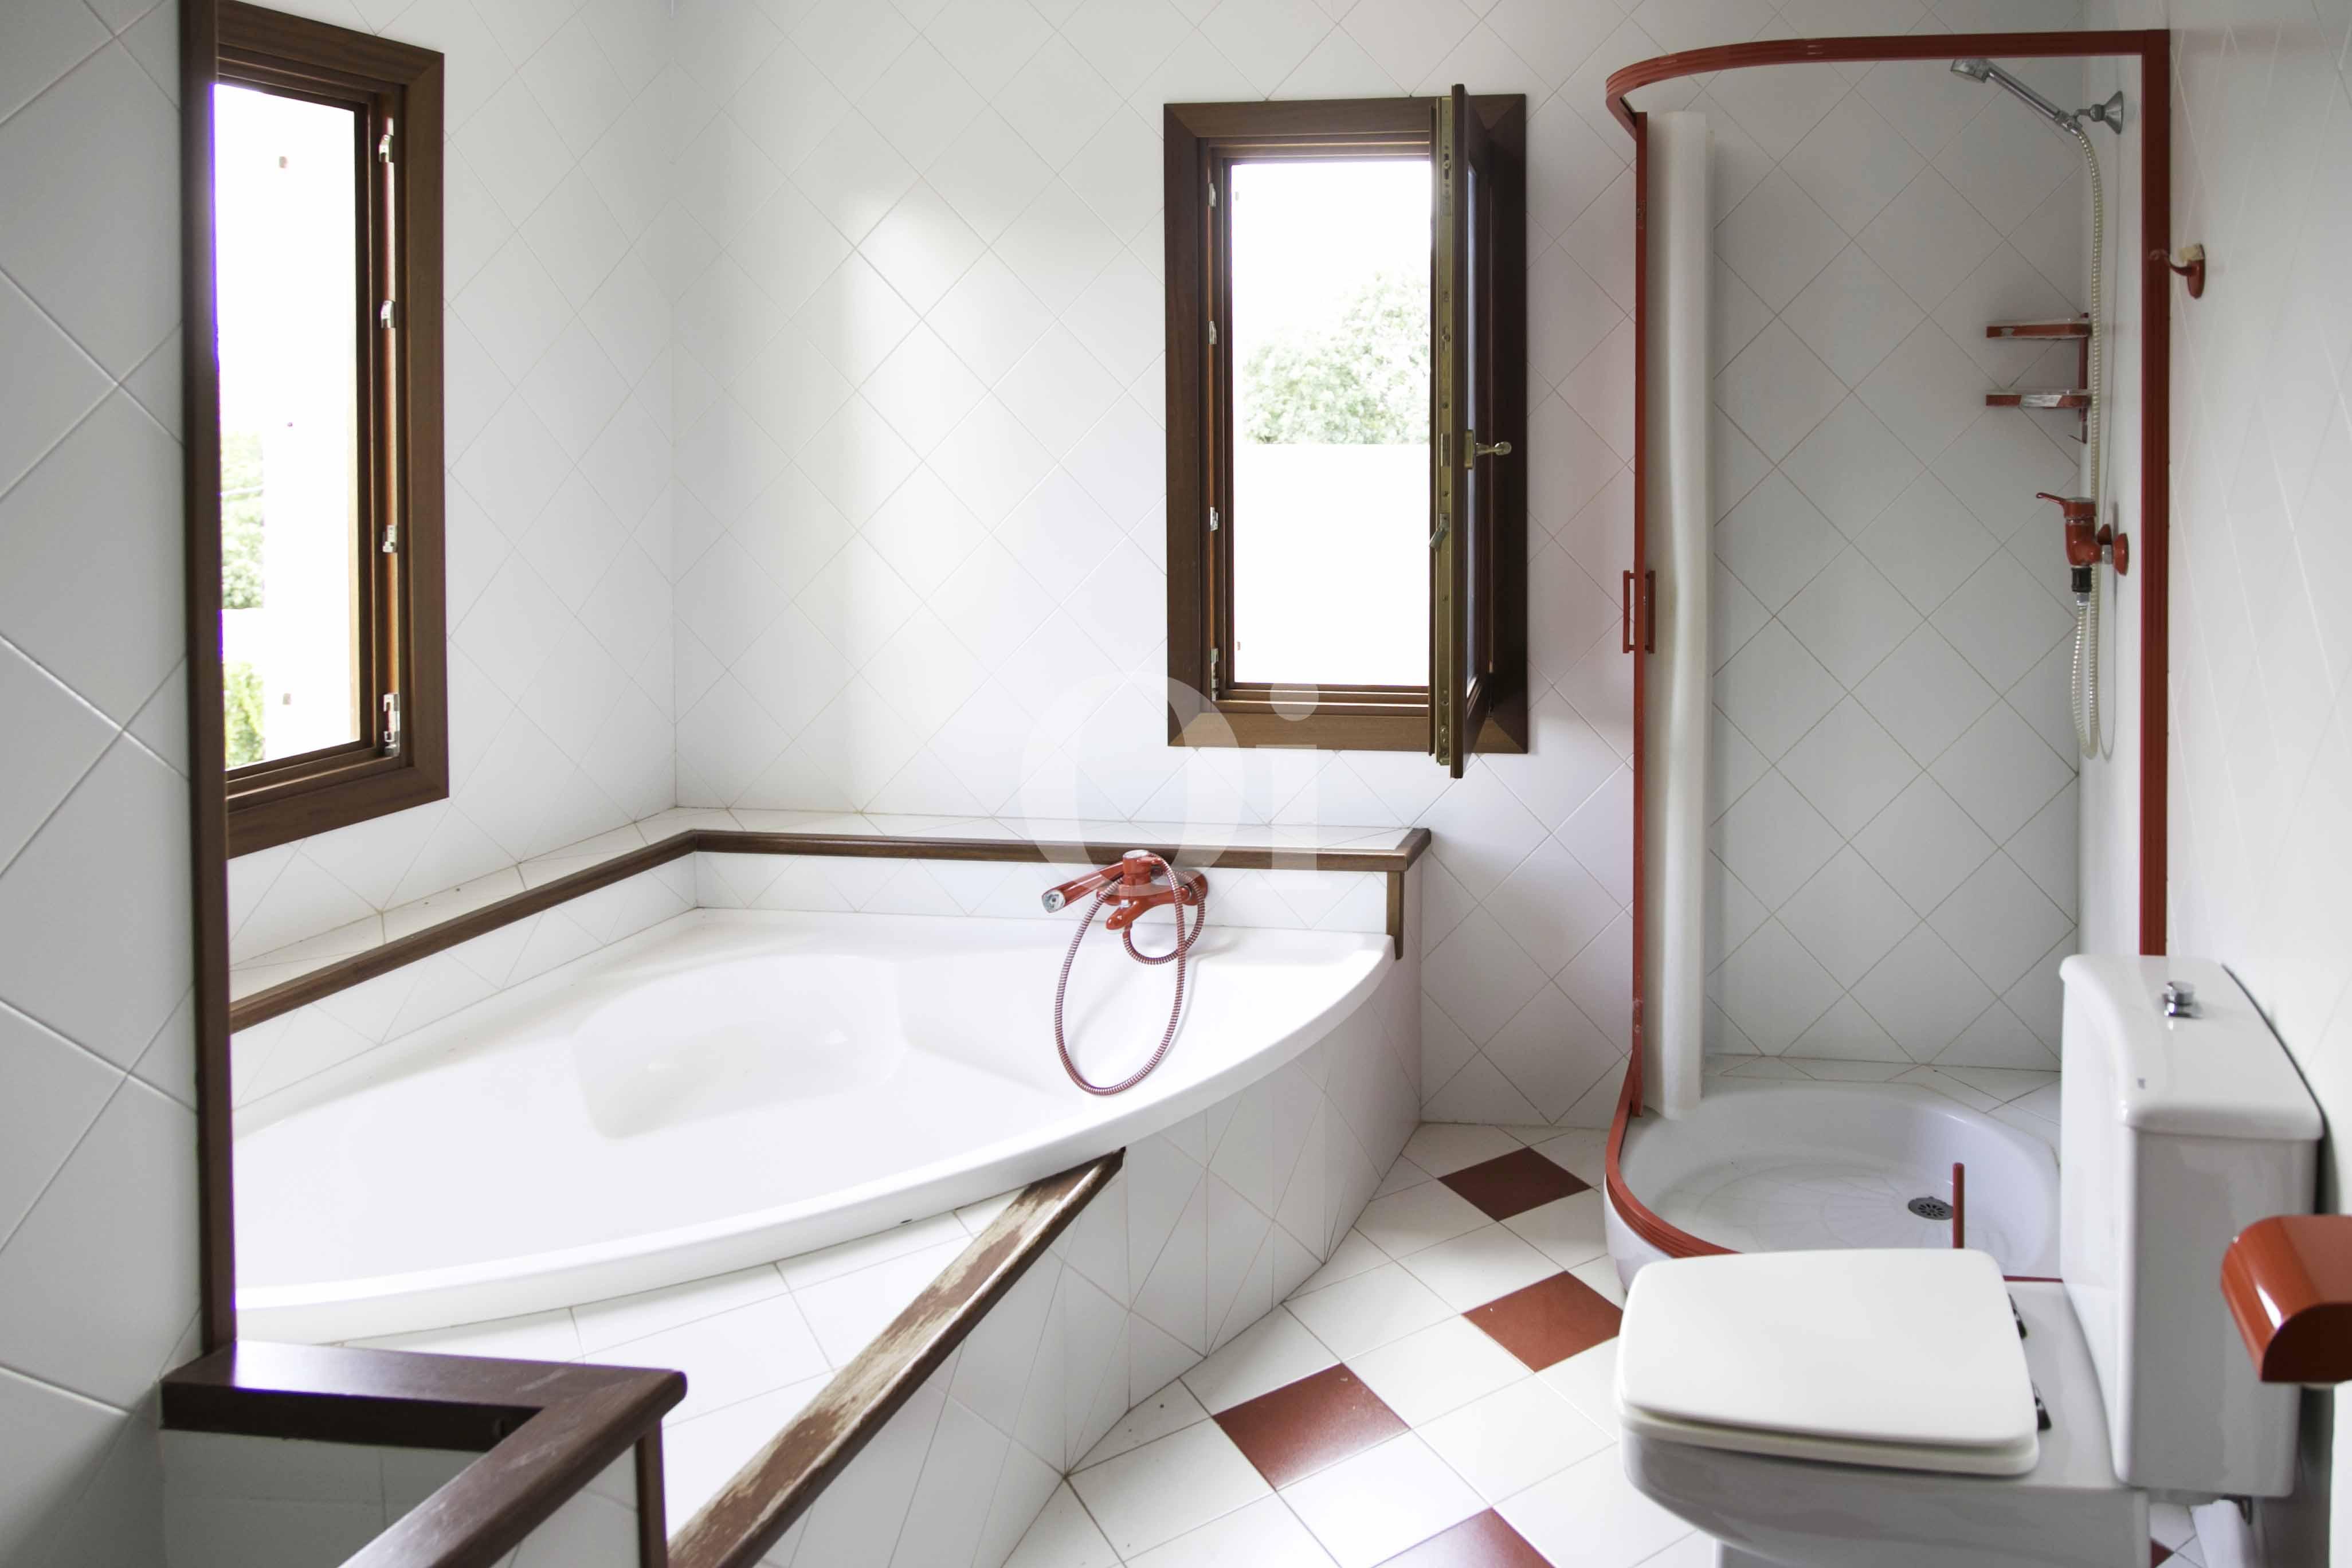 Badezimmer  einer luxuriösen Villa zum Verkauf in San Lorenzo, Mallorca